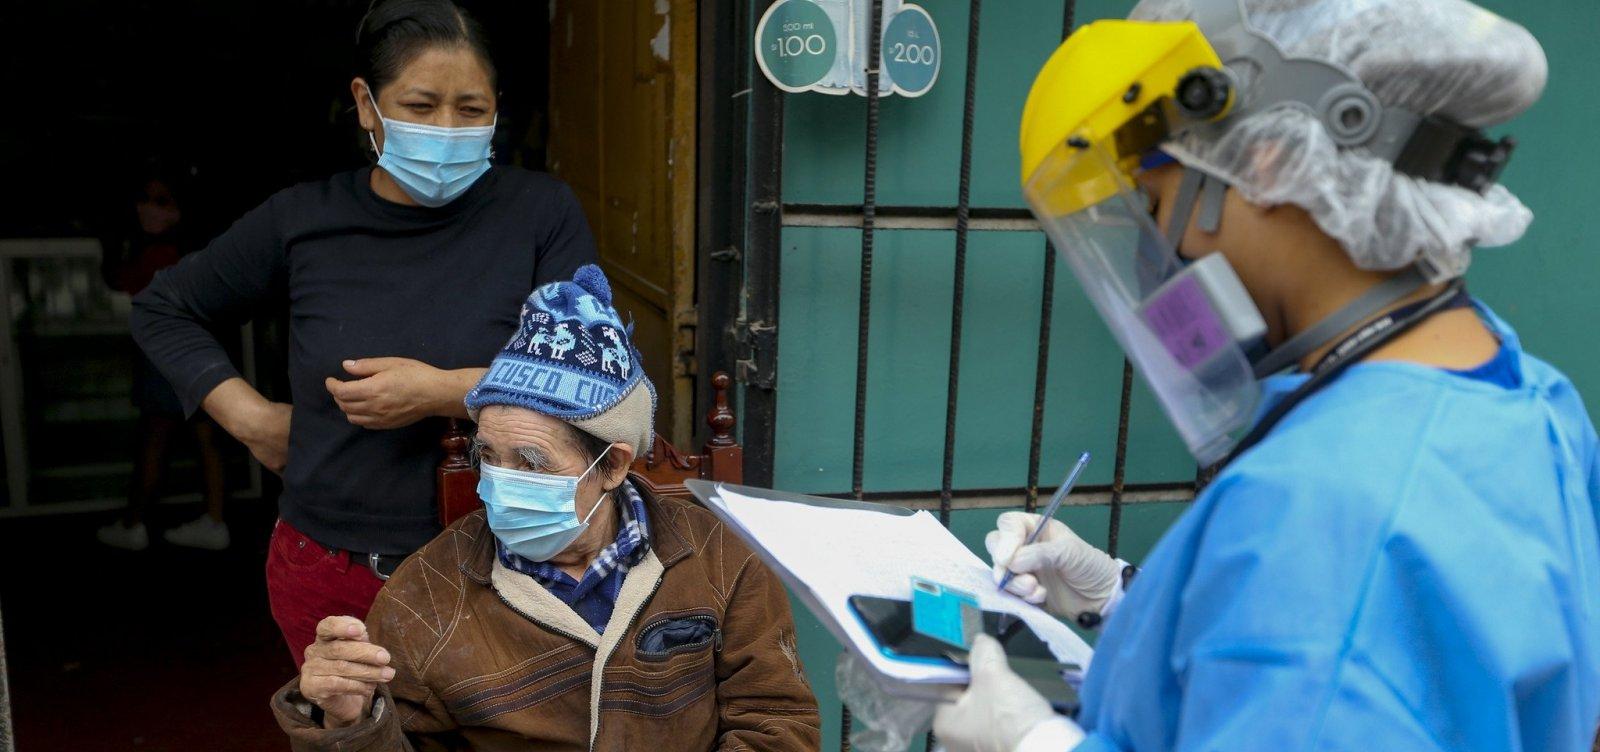 Países fecham fronteiras e suspendem transportes para conter mutação do coronavírus